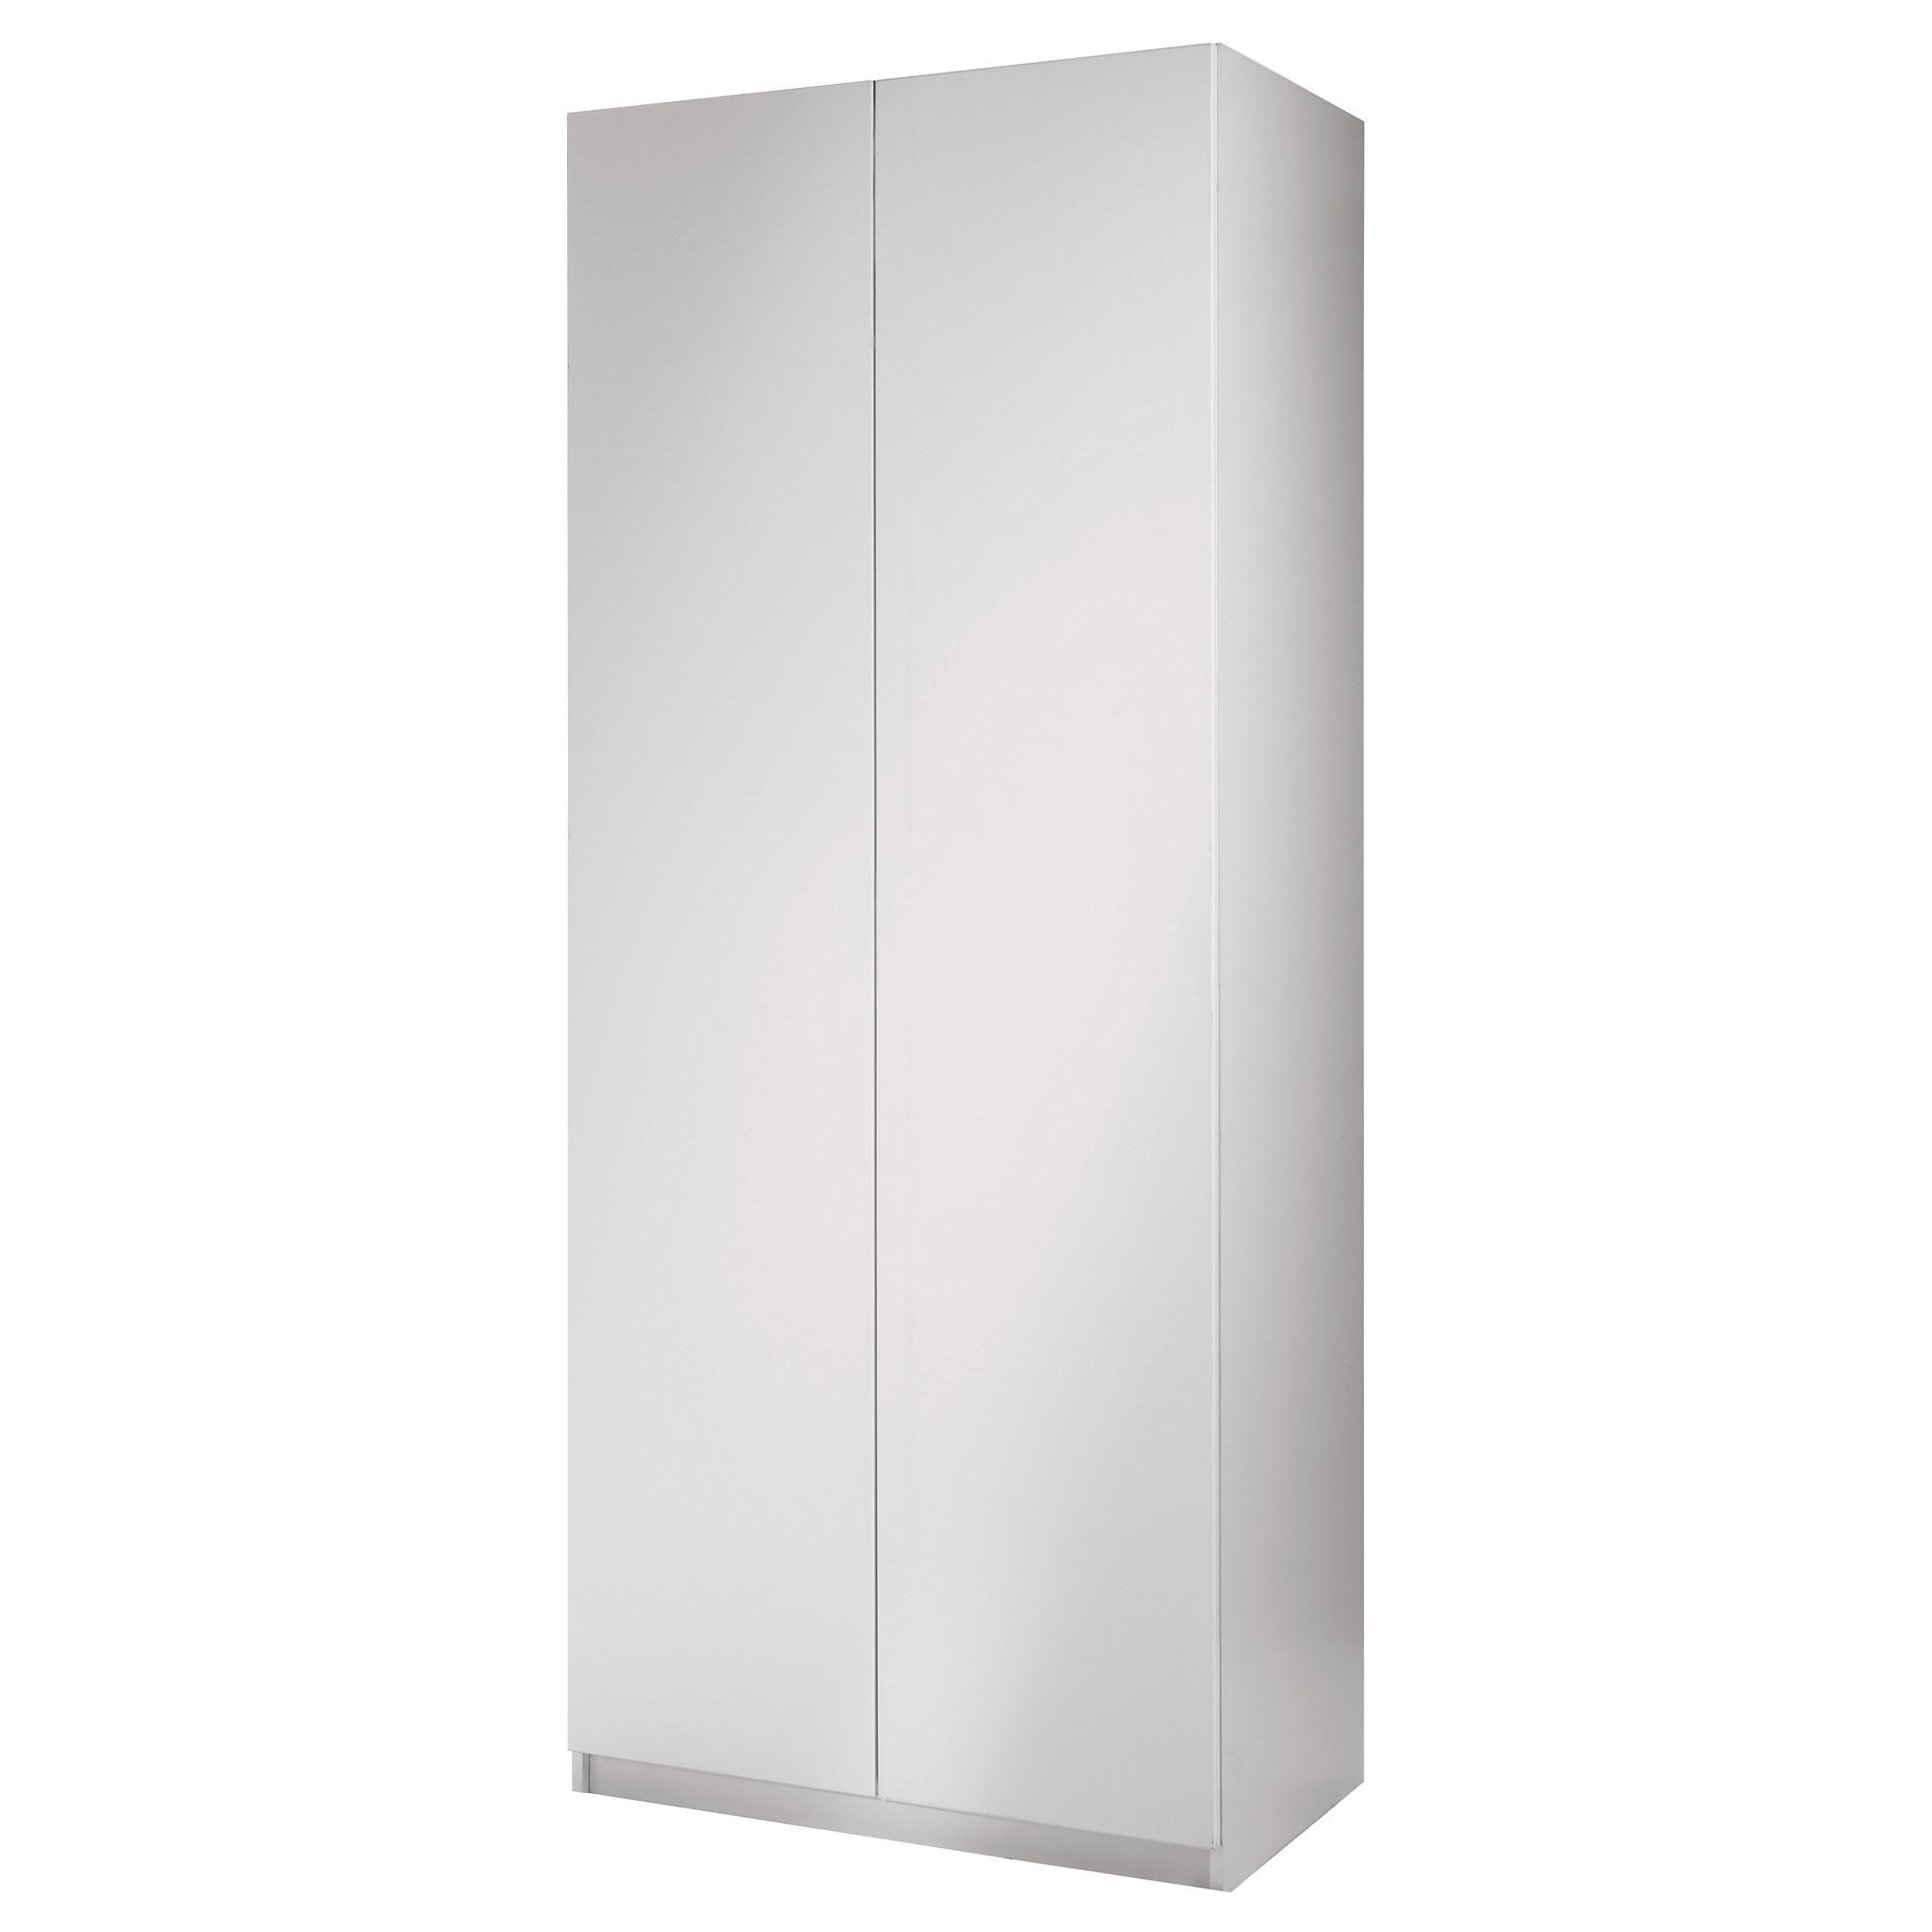 Pax armarios modulares - Ikea armarios modulares ...